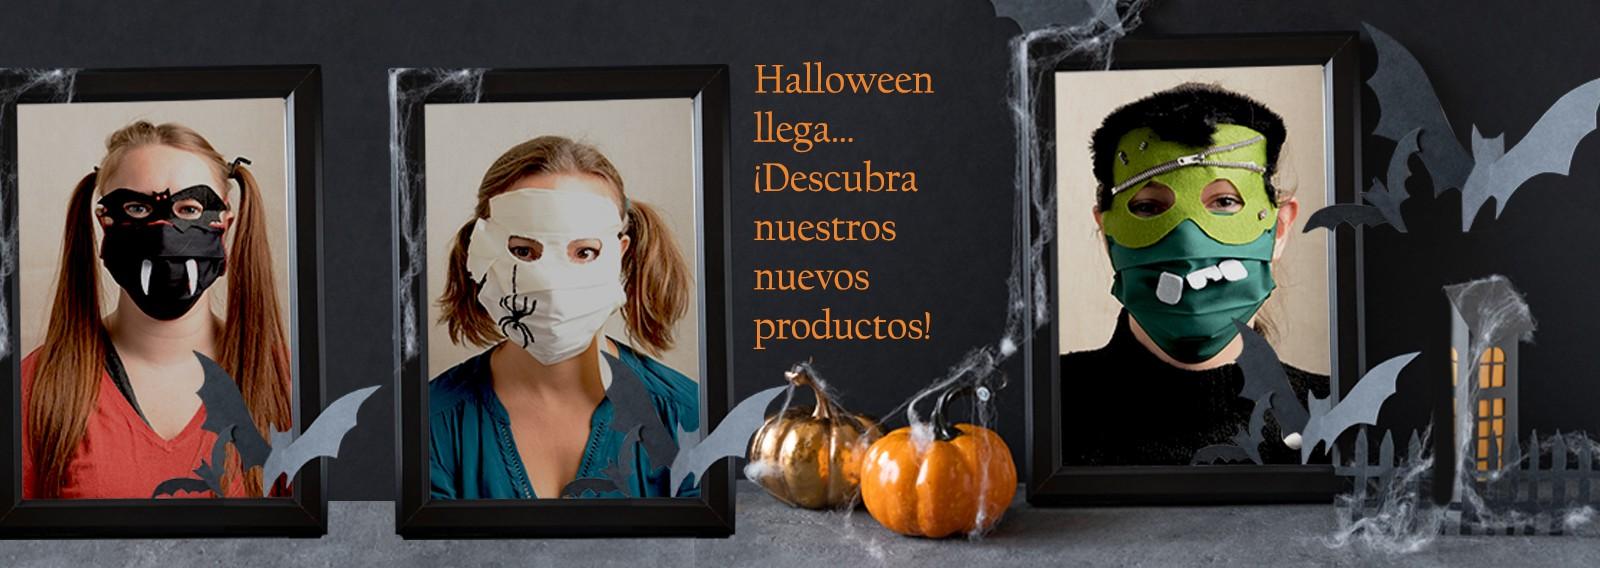 Halloween llega… ¡Descubra nuestros nuevos productos!